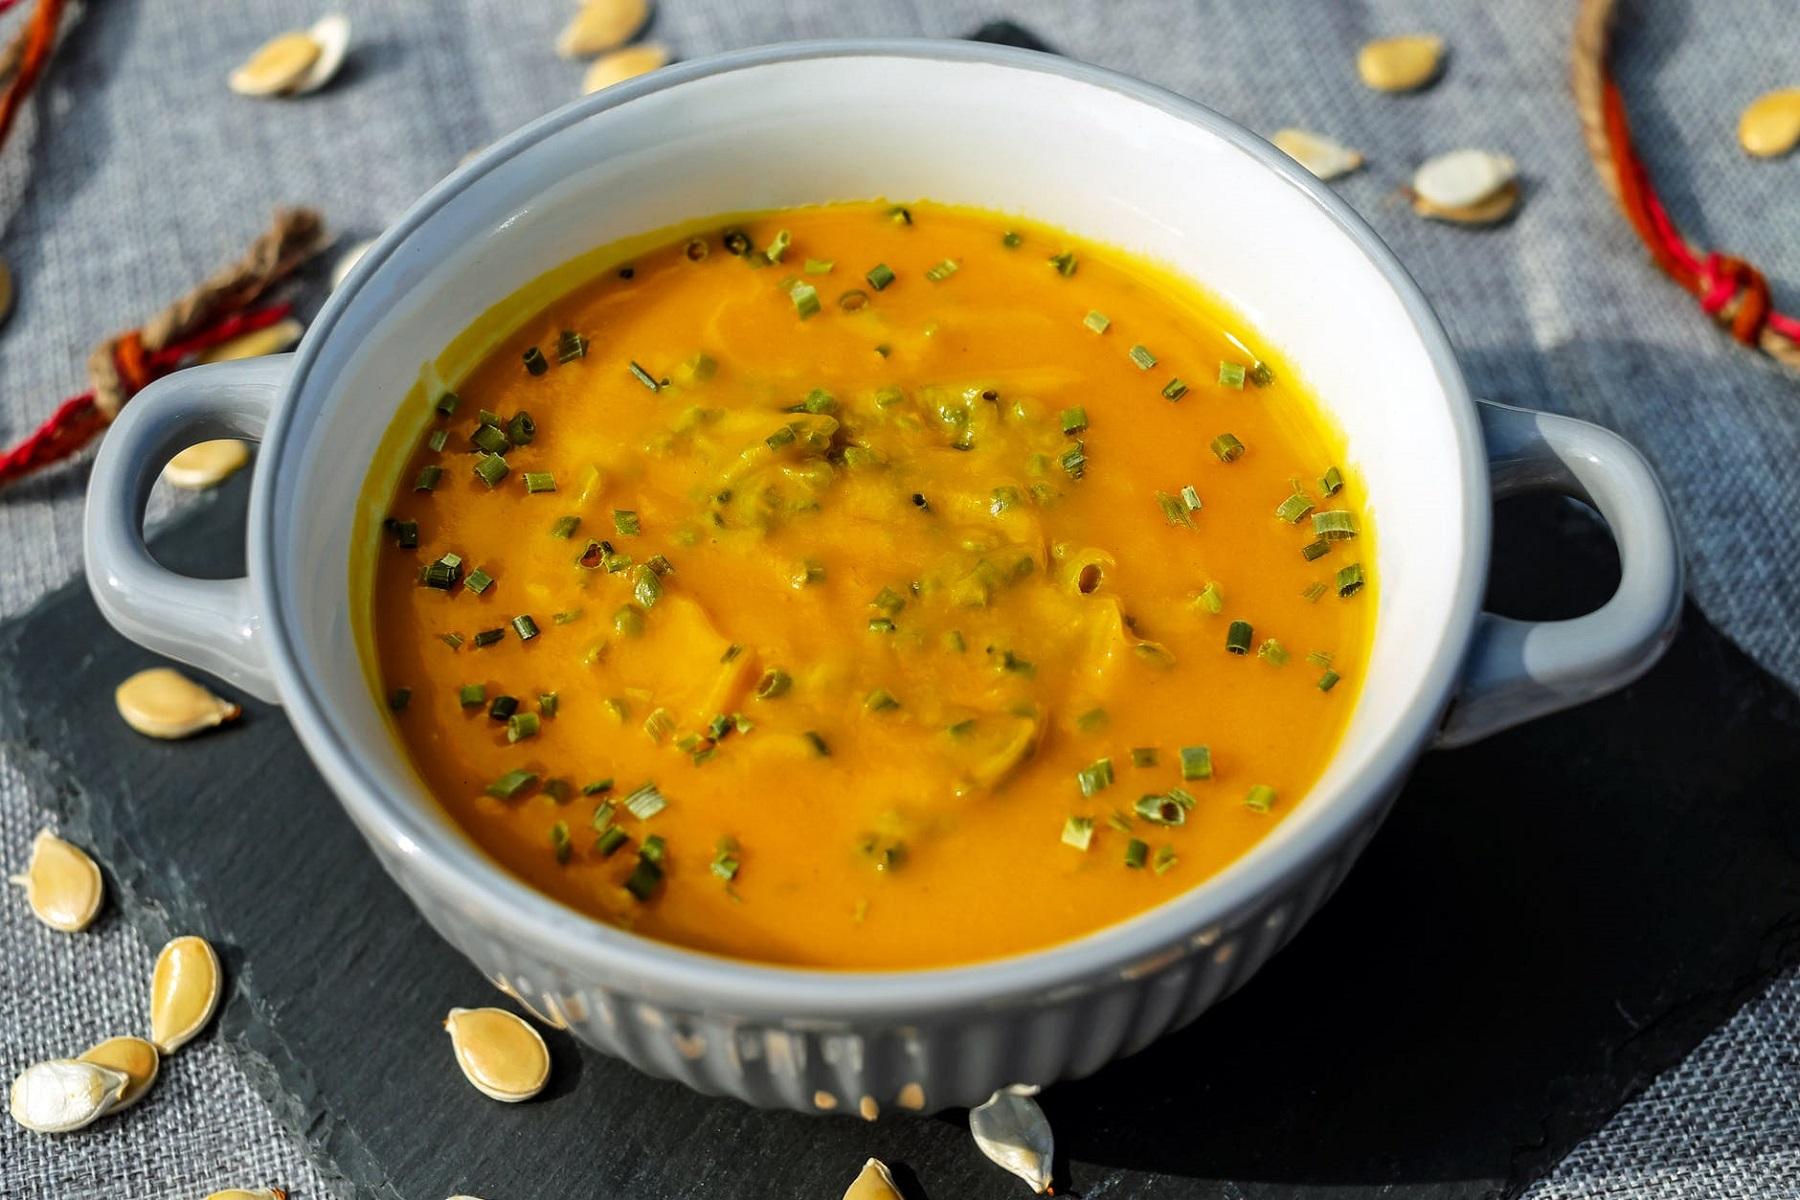 Κολοκυθόσουπα Βελουτέ: Η ανυπέρβλητη σούπα με γιαούρτι και κρουτόν